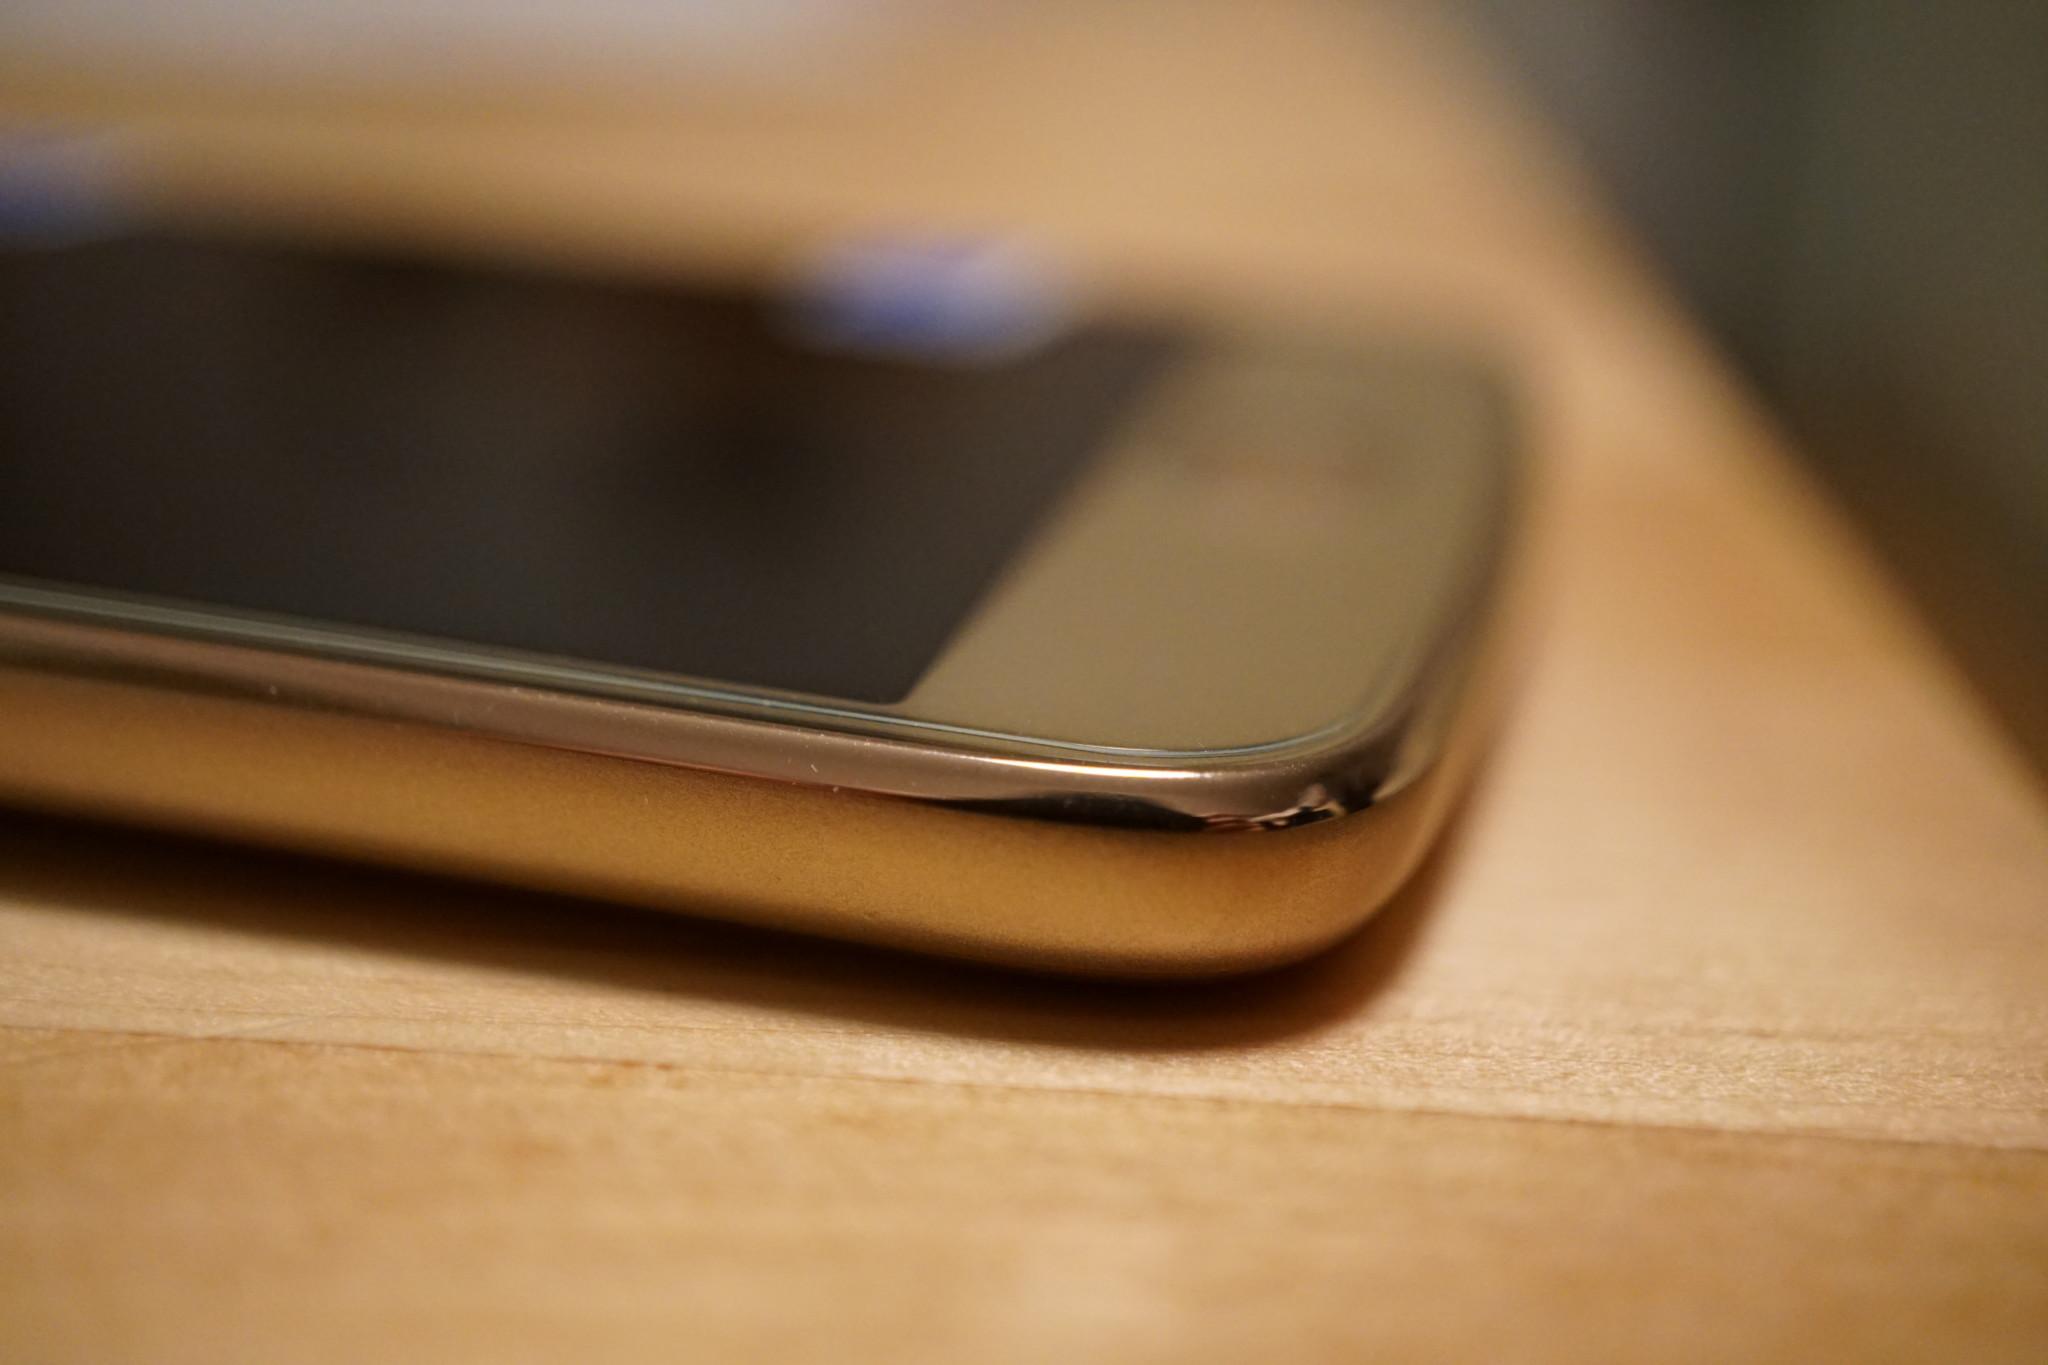 Beyeah【2枚】 Motorola Moto G5 Plus フィルム ガラスフィルム